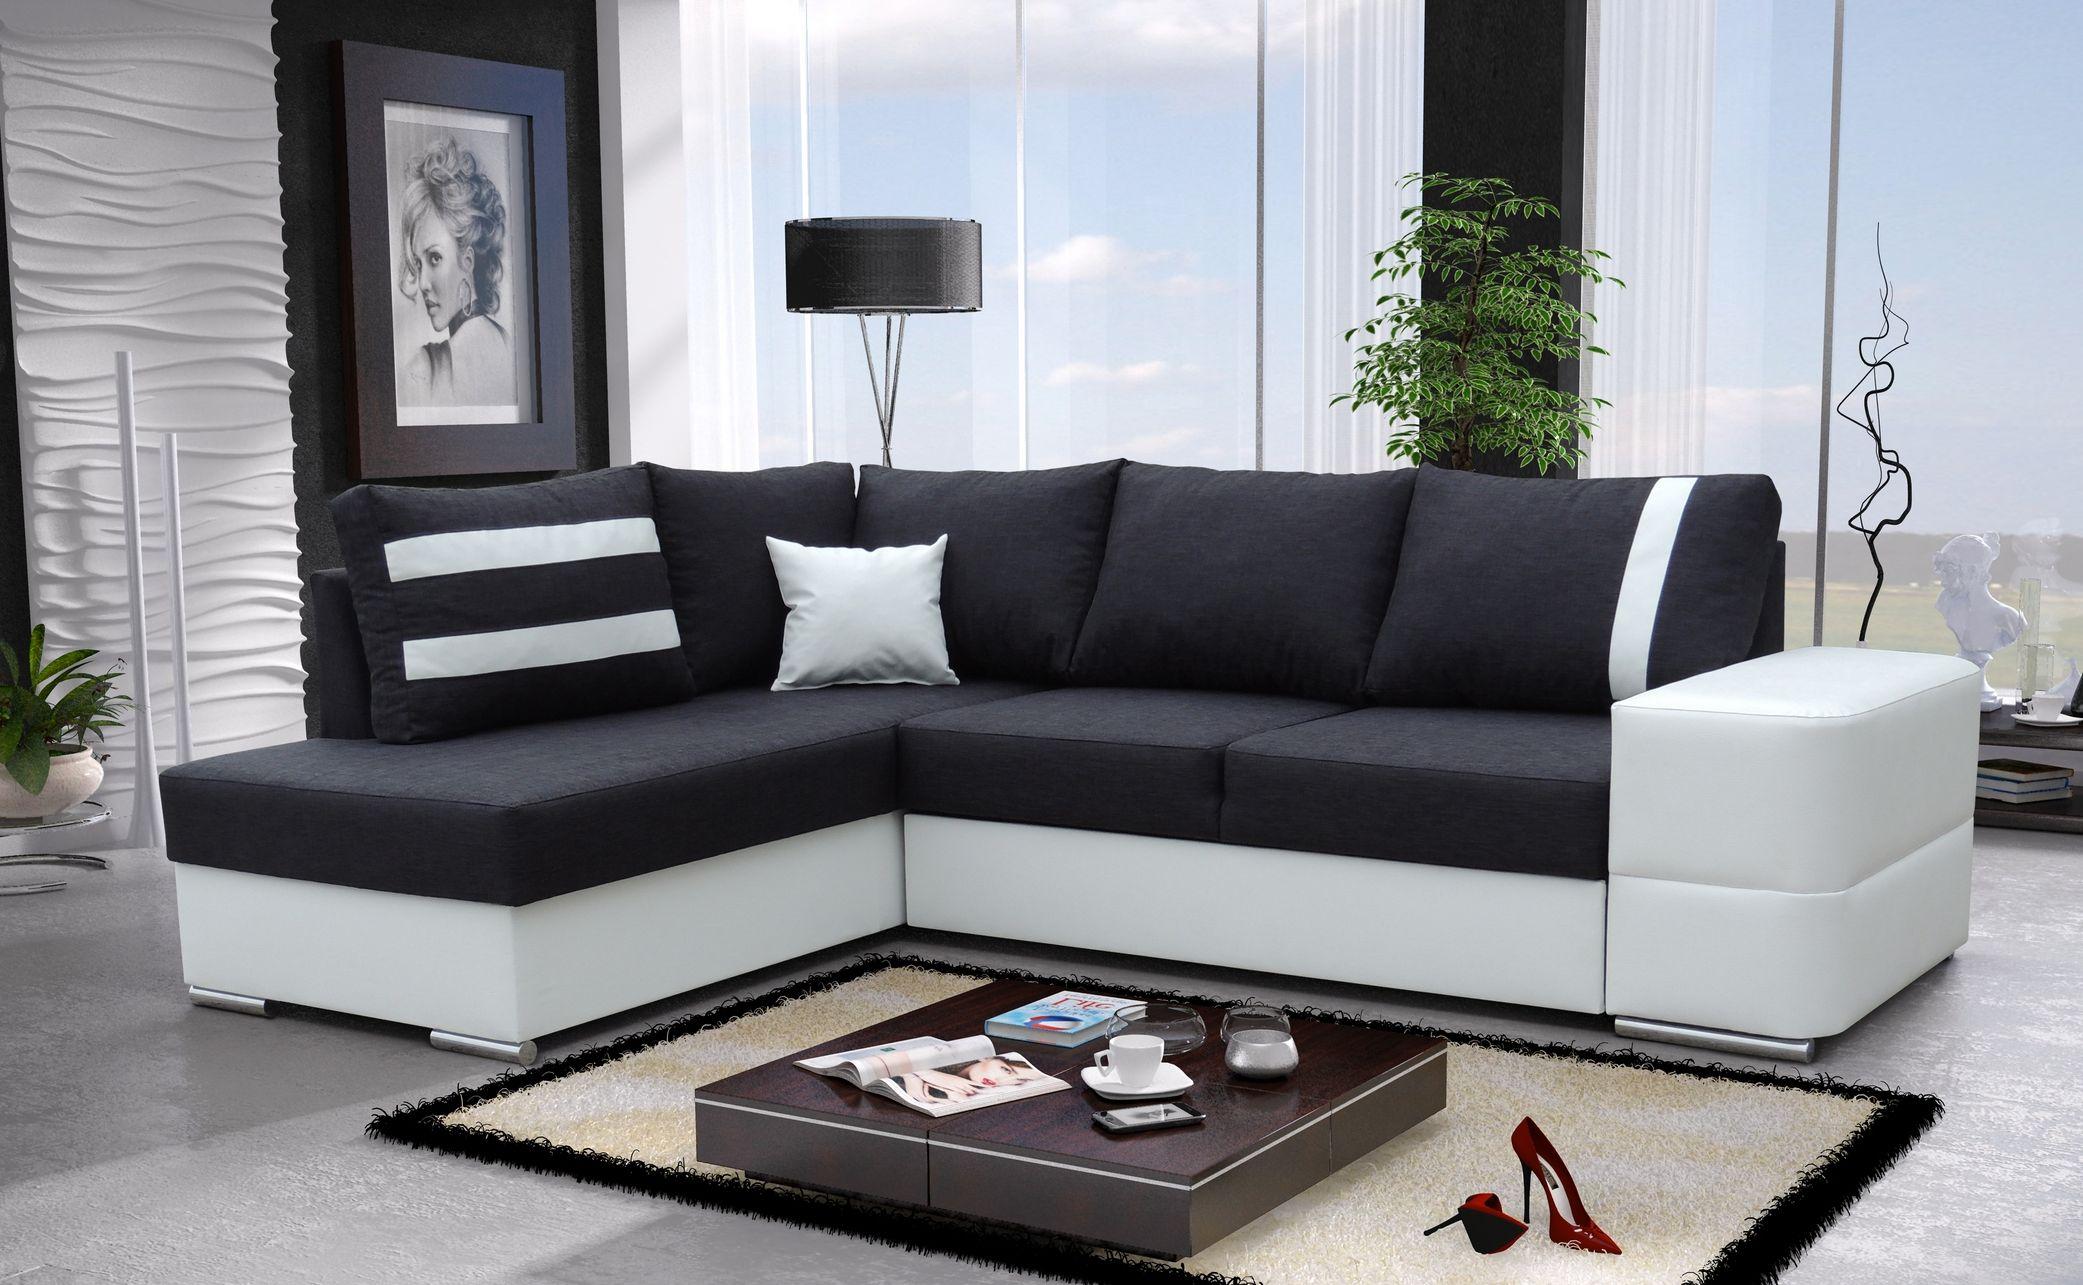 Corner sofa bed malaga ii fabric or faux leather left or - Furniture malaga ...